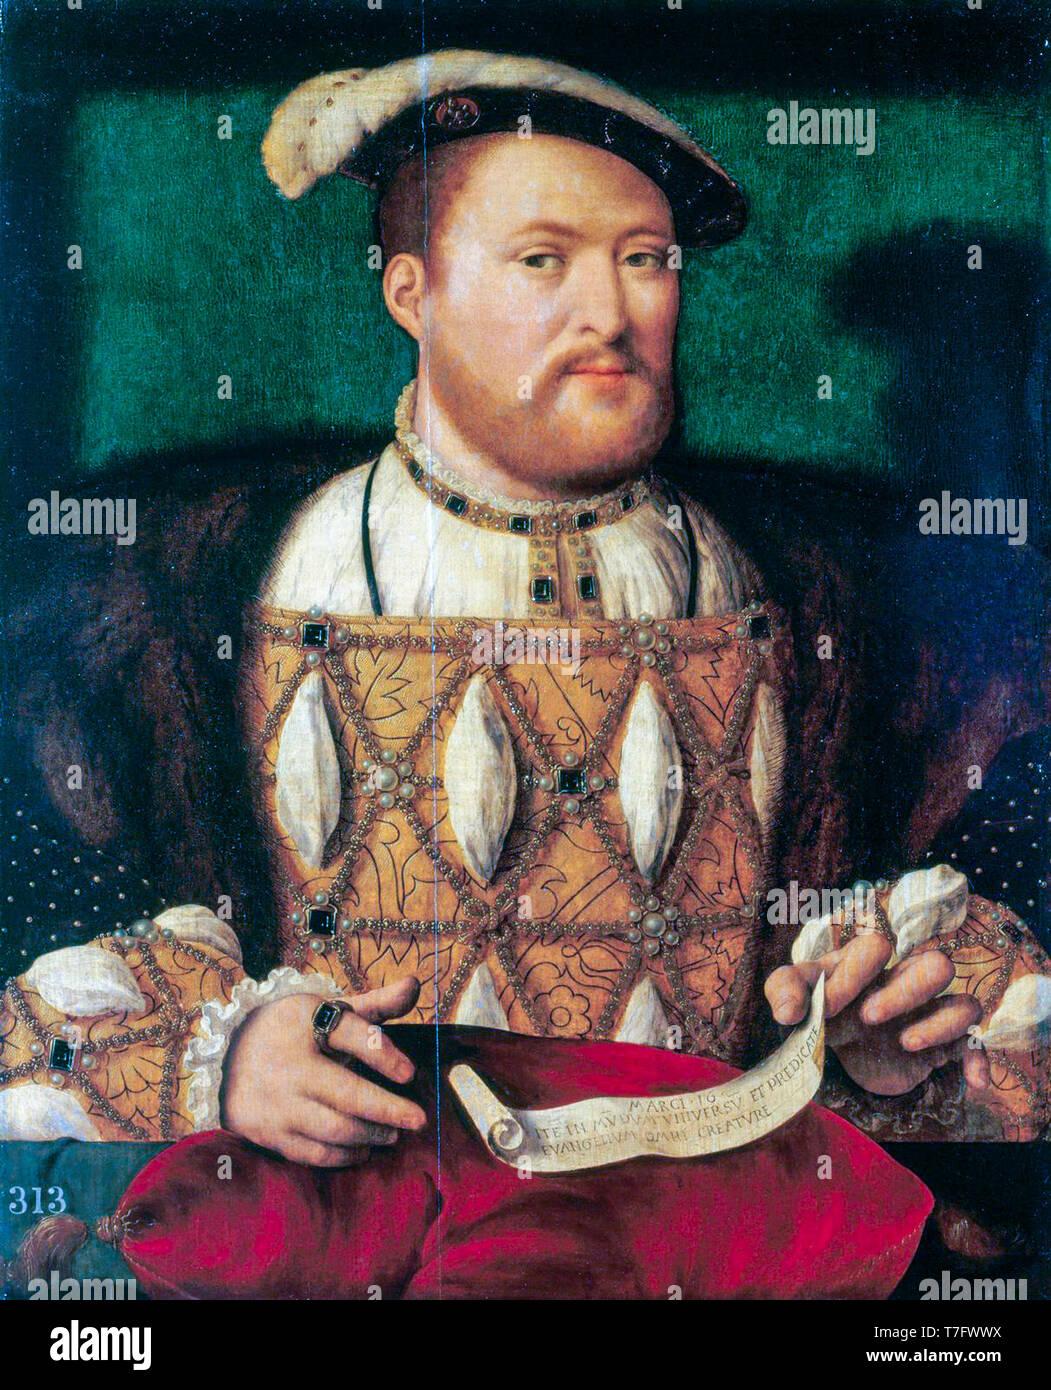 Joos van Cleve, König Heinrich VIII. von England (1491-1547), Porträt Malerei, C. 1530 Stockfoto